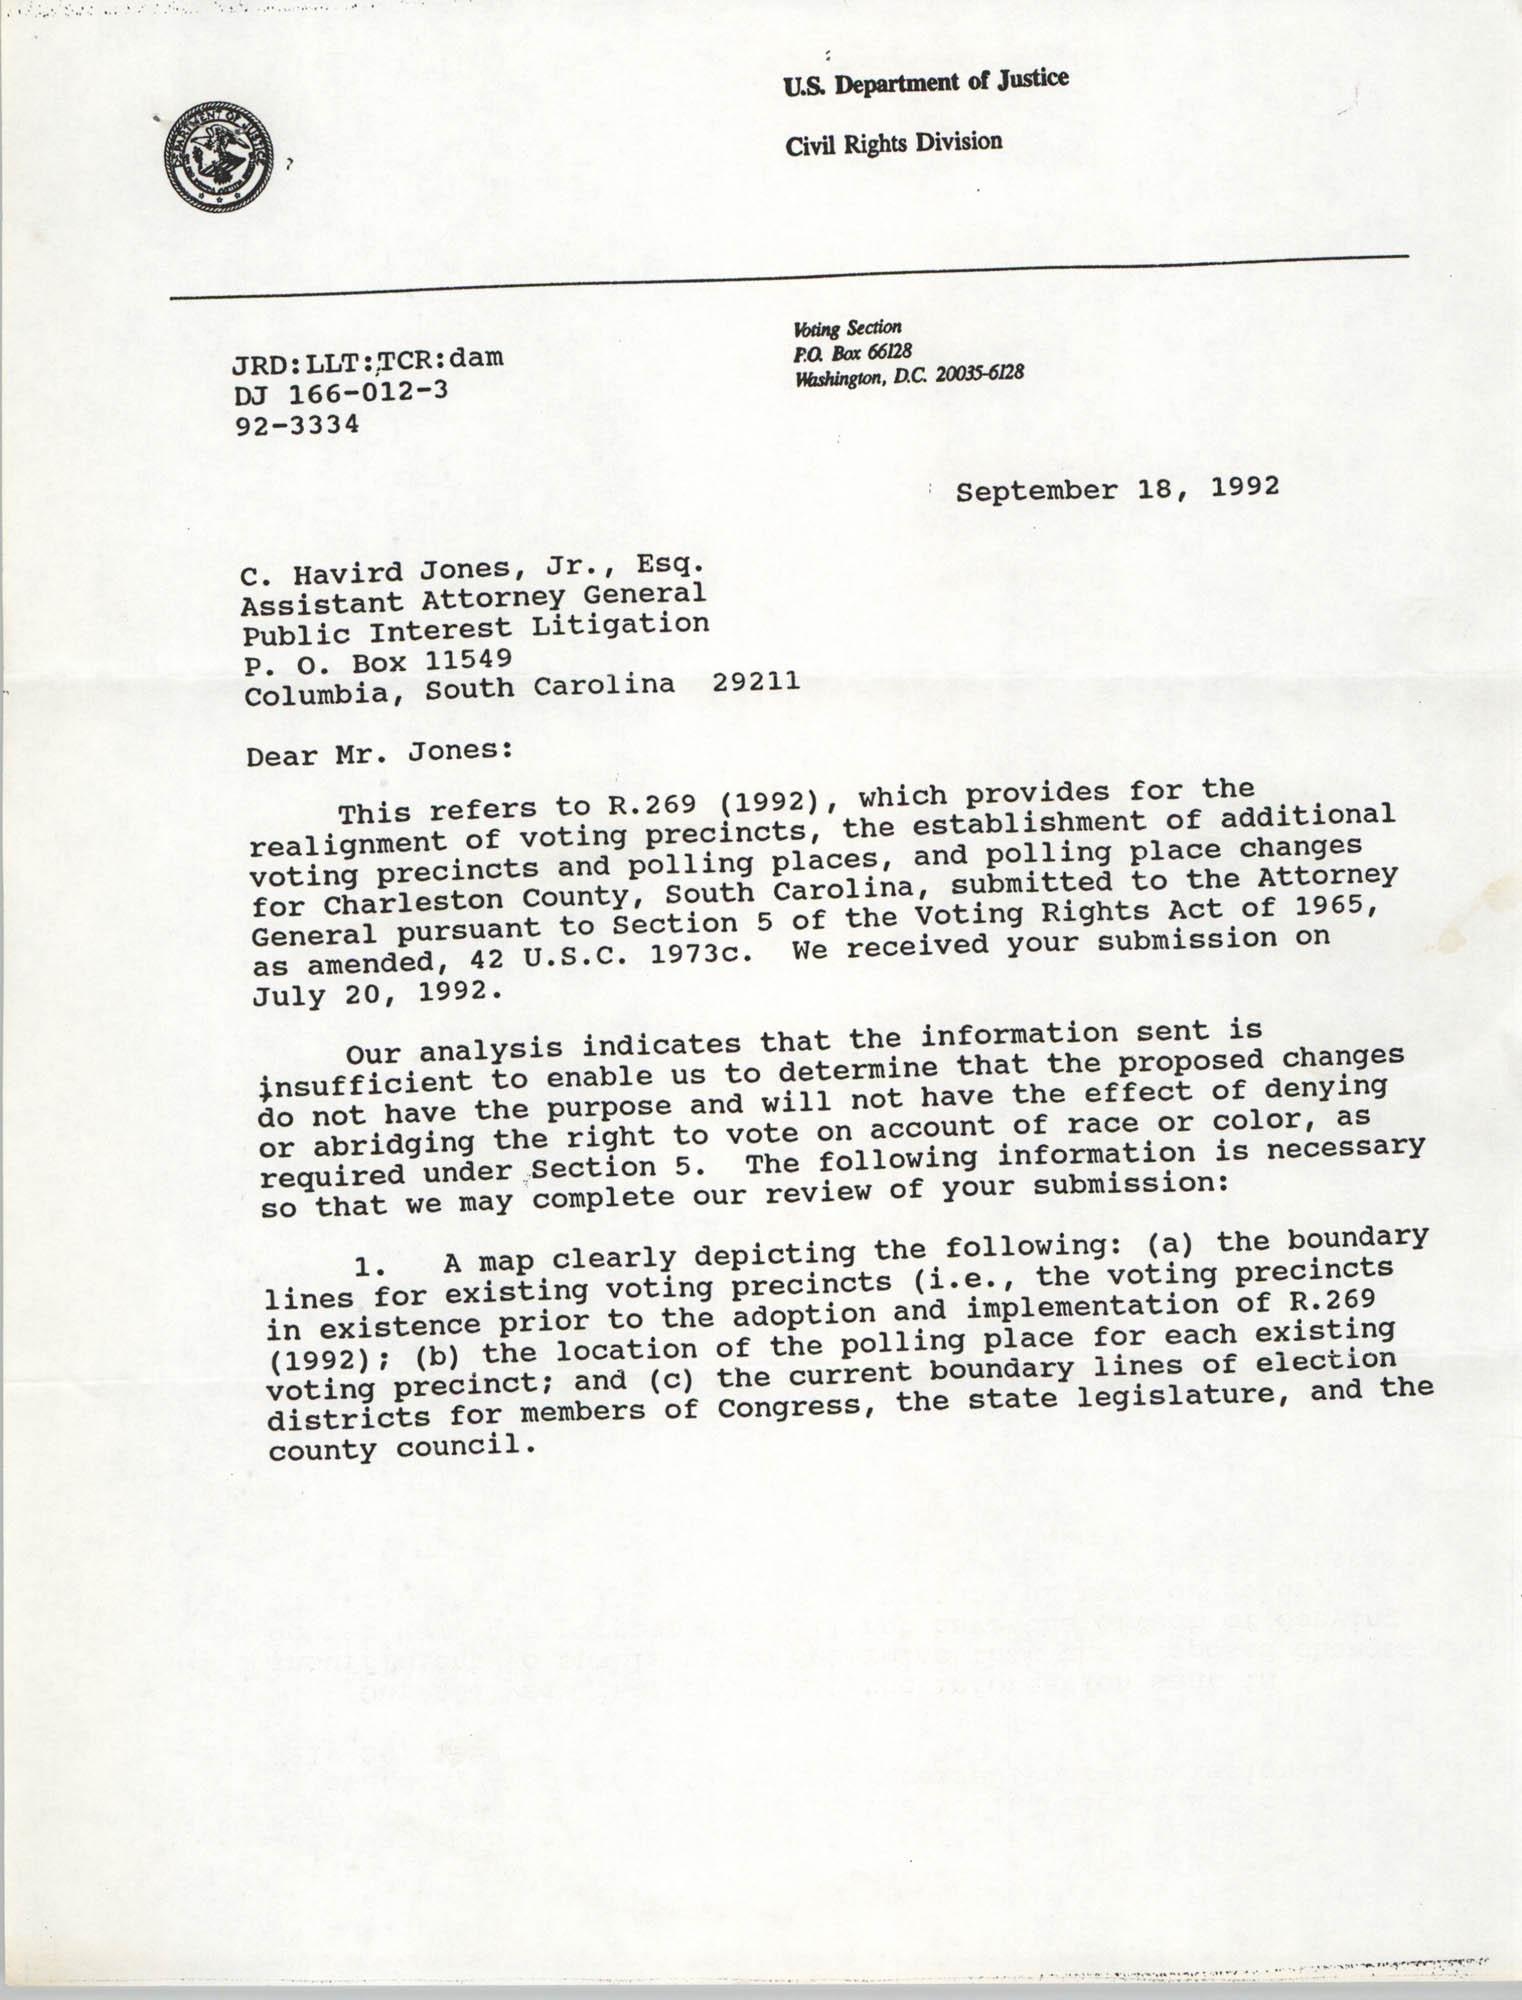 Letter from John R. Dunne to C. Havird Jones, Jr., September 18, 1992